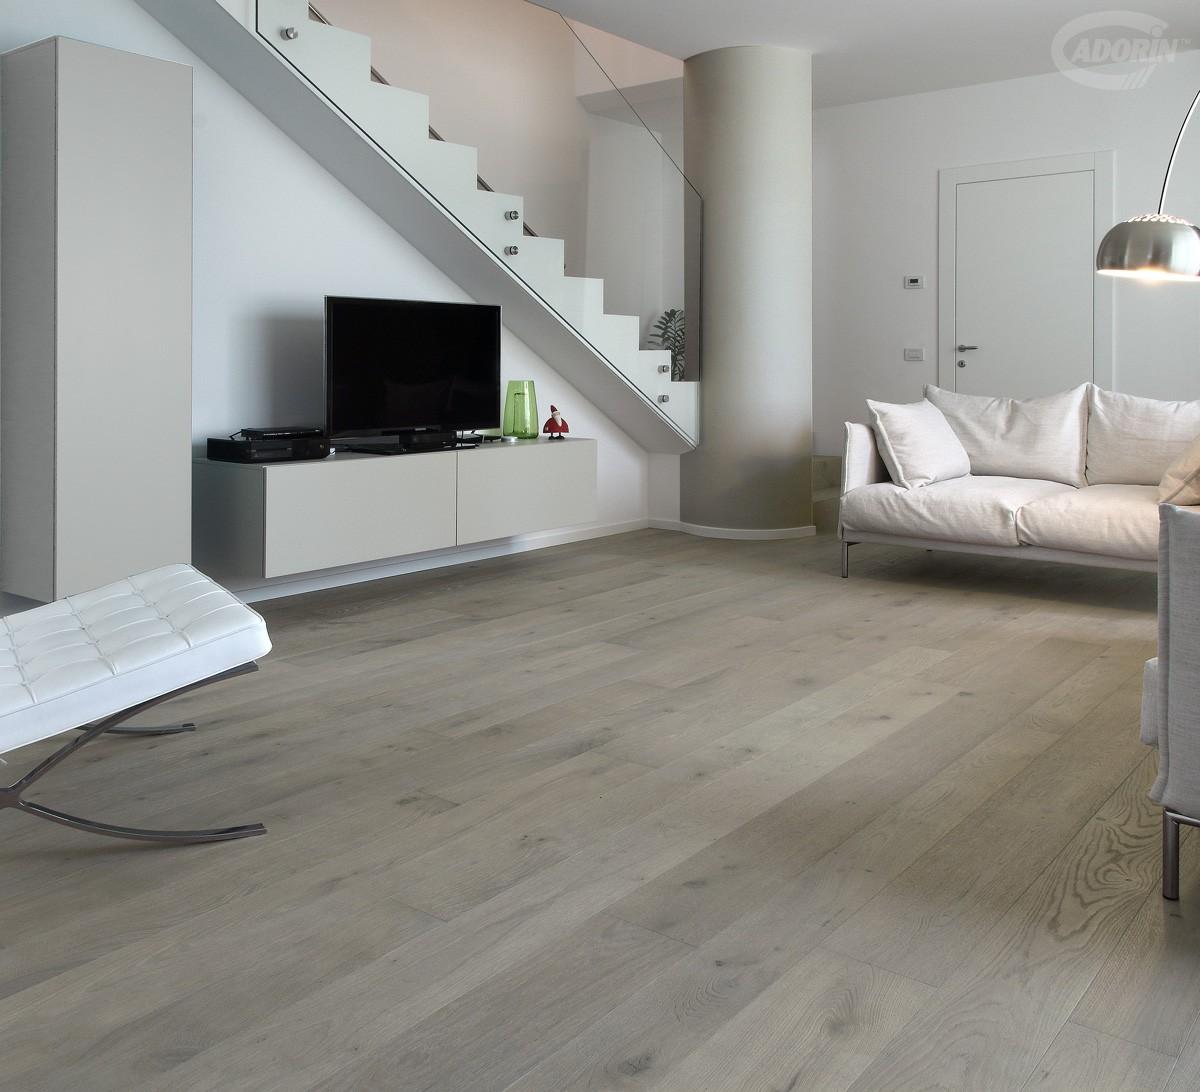 Parquet quercia europea sabbiata a listoni di legno for Cadorin parquet